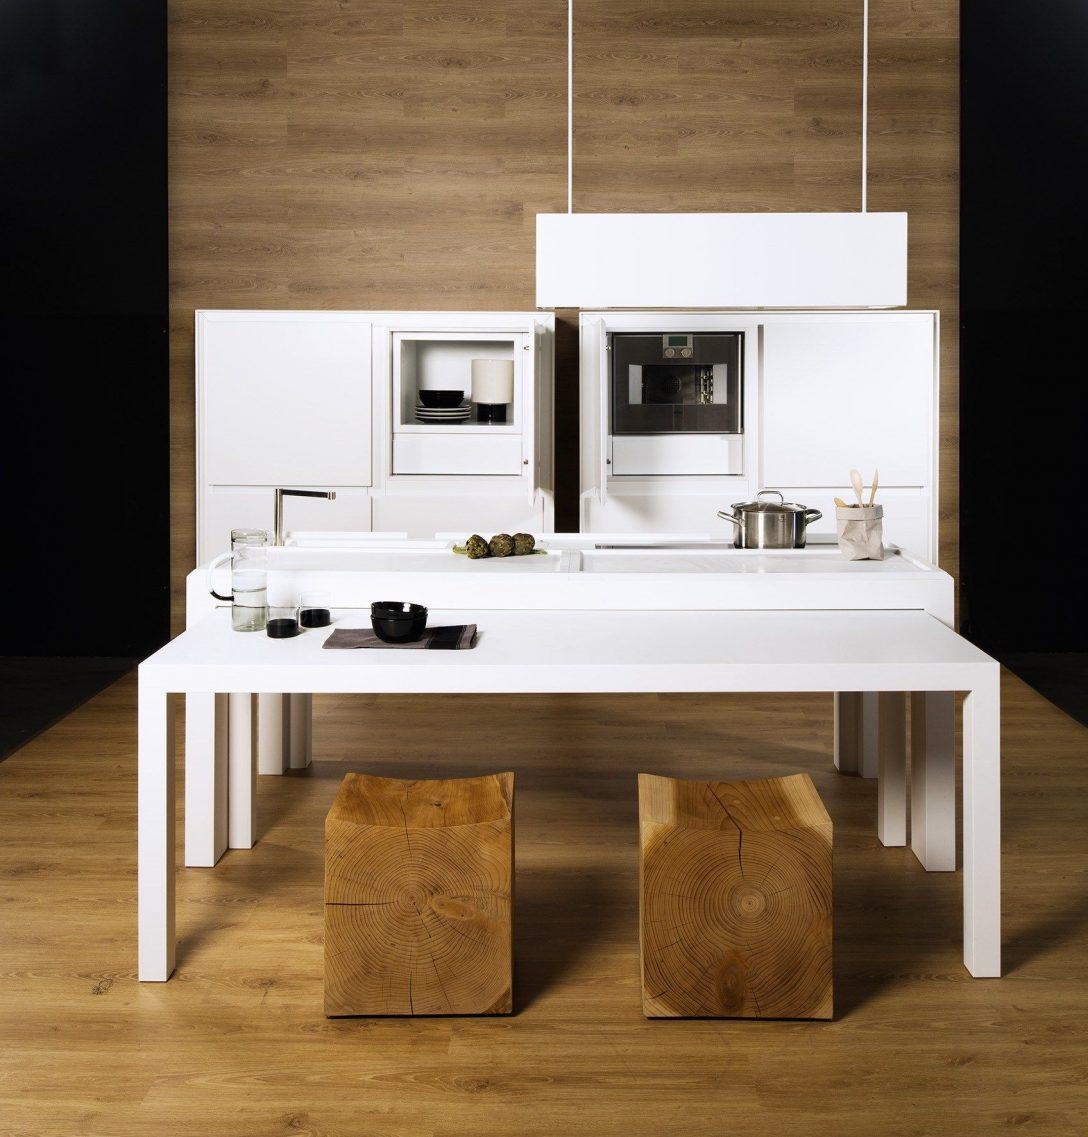 Large Size of Mini Küche Im Landhausstil Mini Küche Einrichten Mini Küche Online Planen Mini Küche Ausstellungsstück Küche Mini Küche